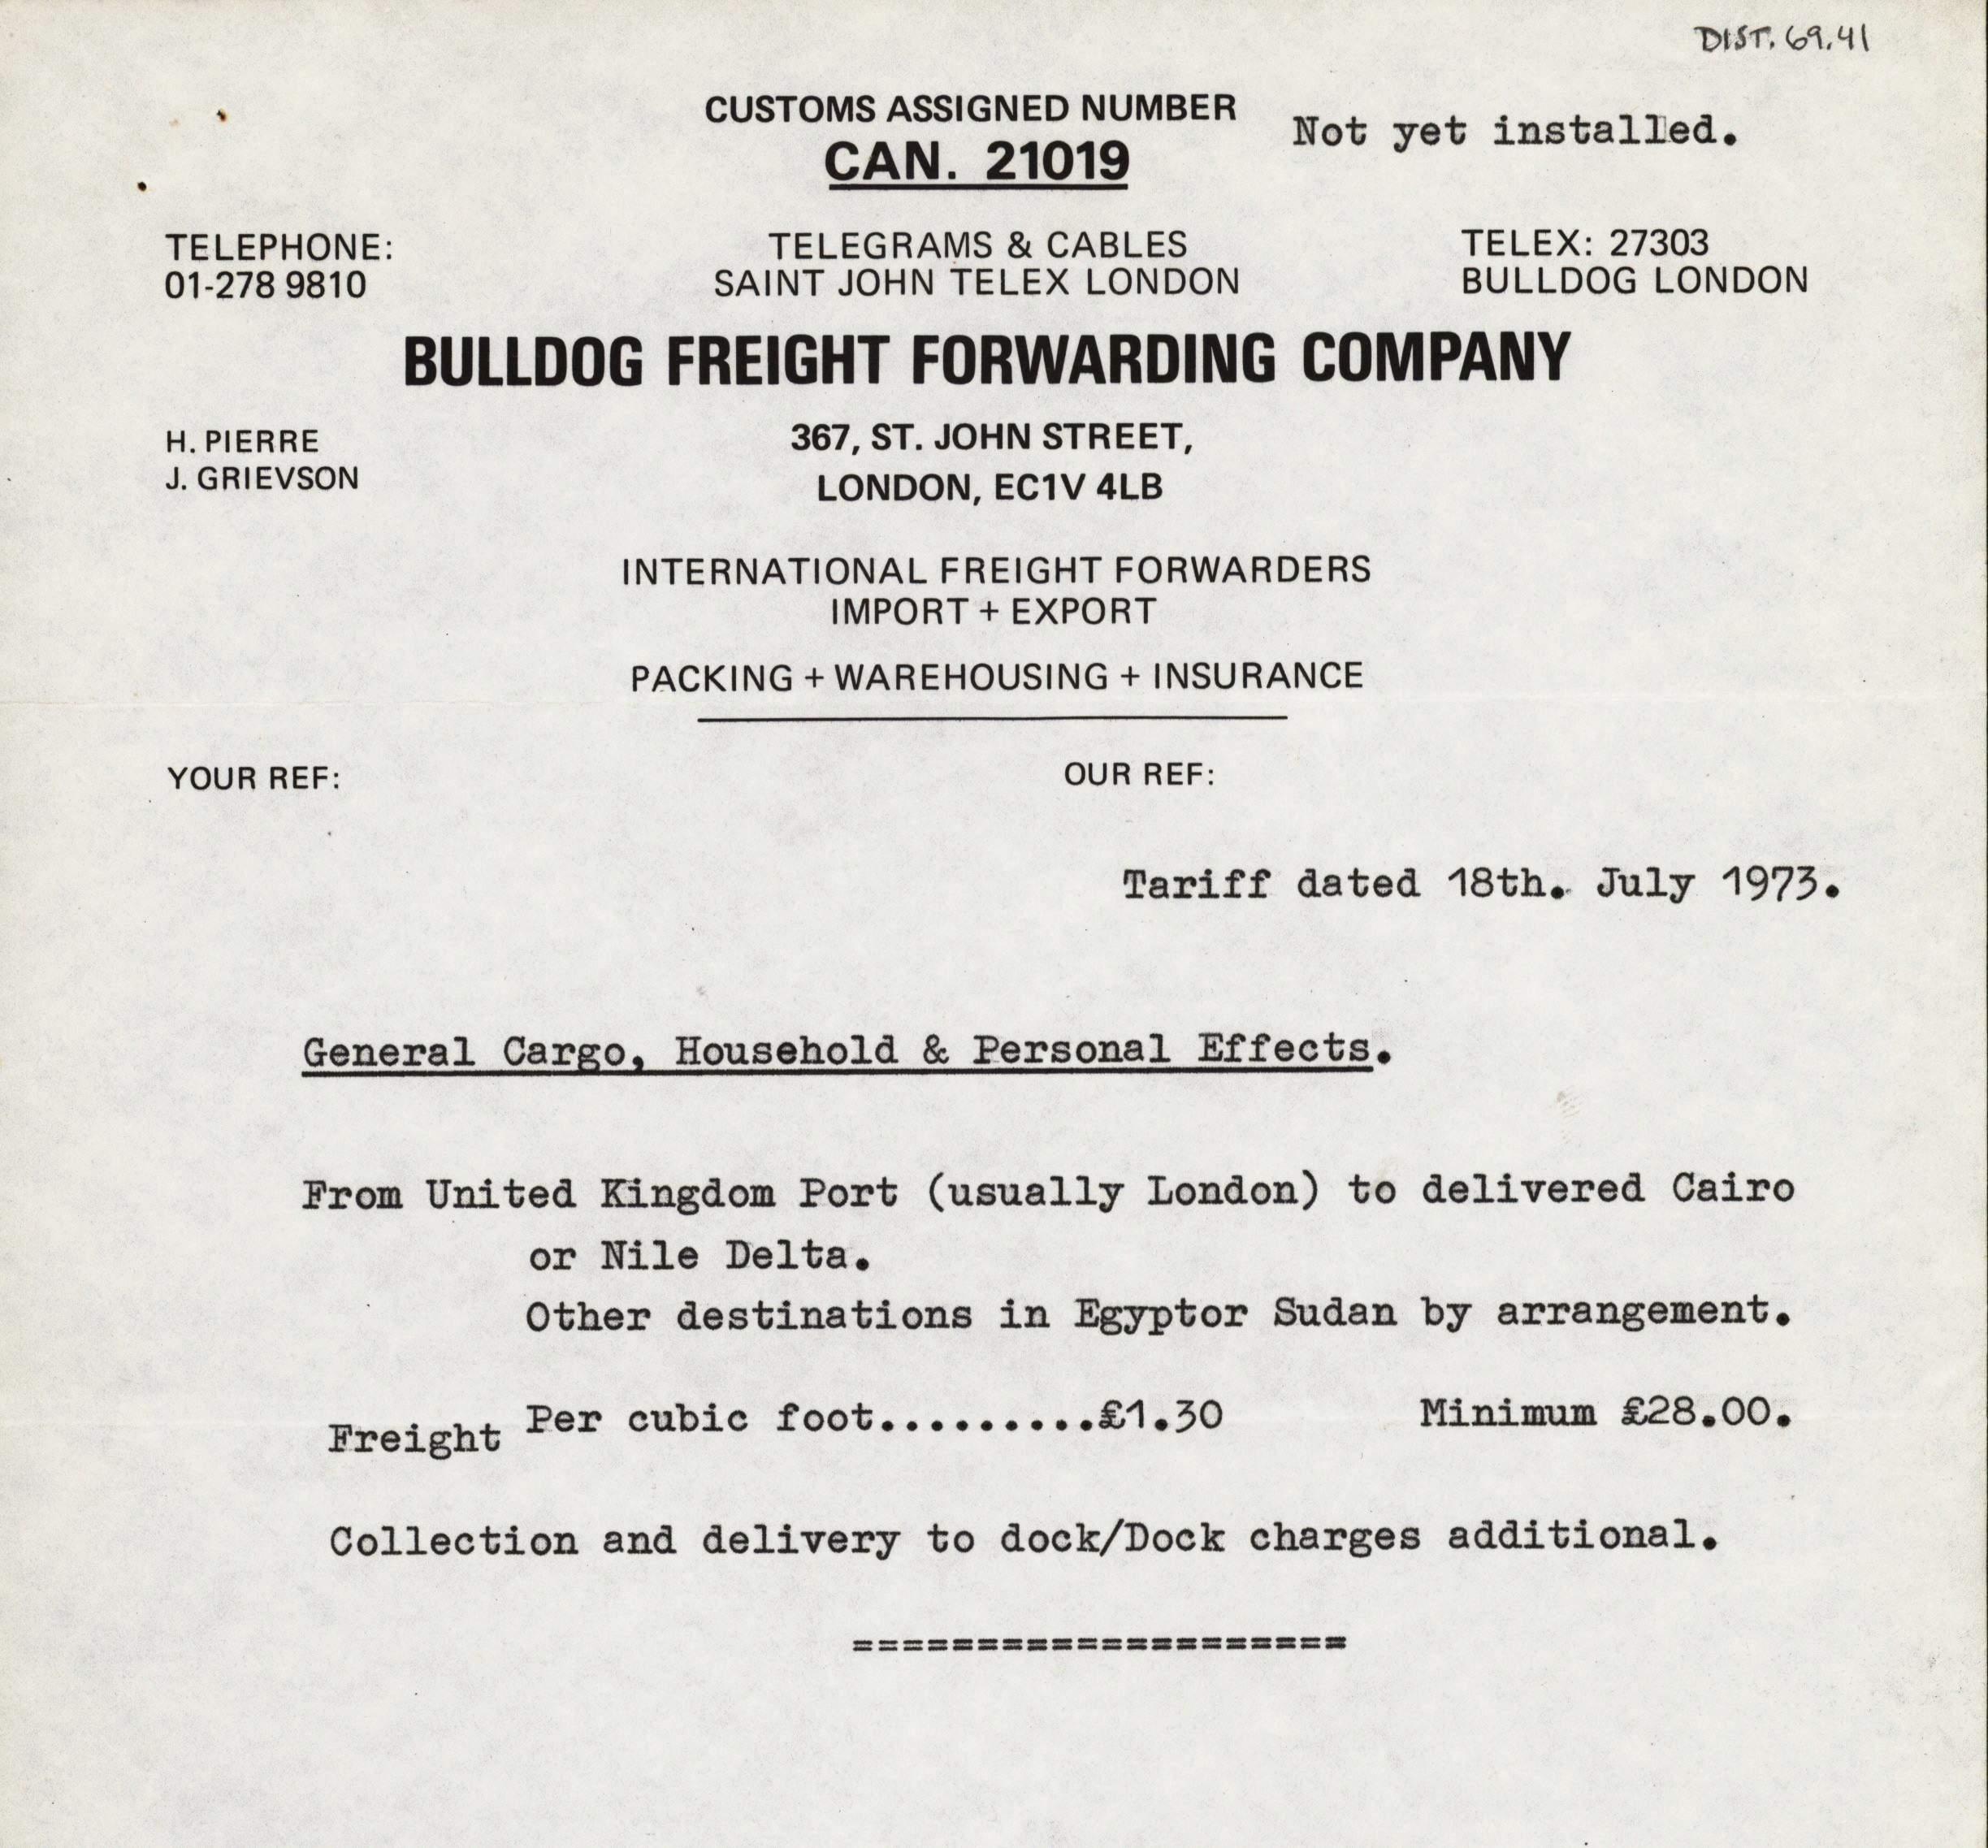 1959-76 Buhen DIST.69.41